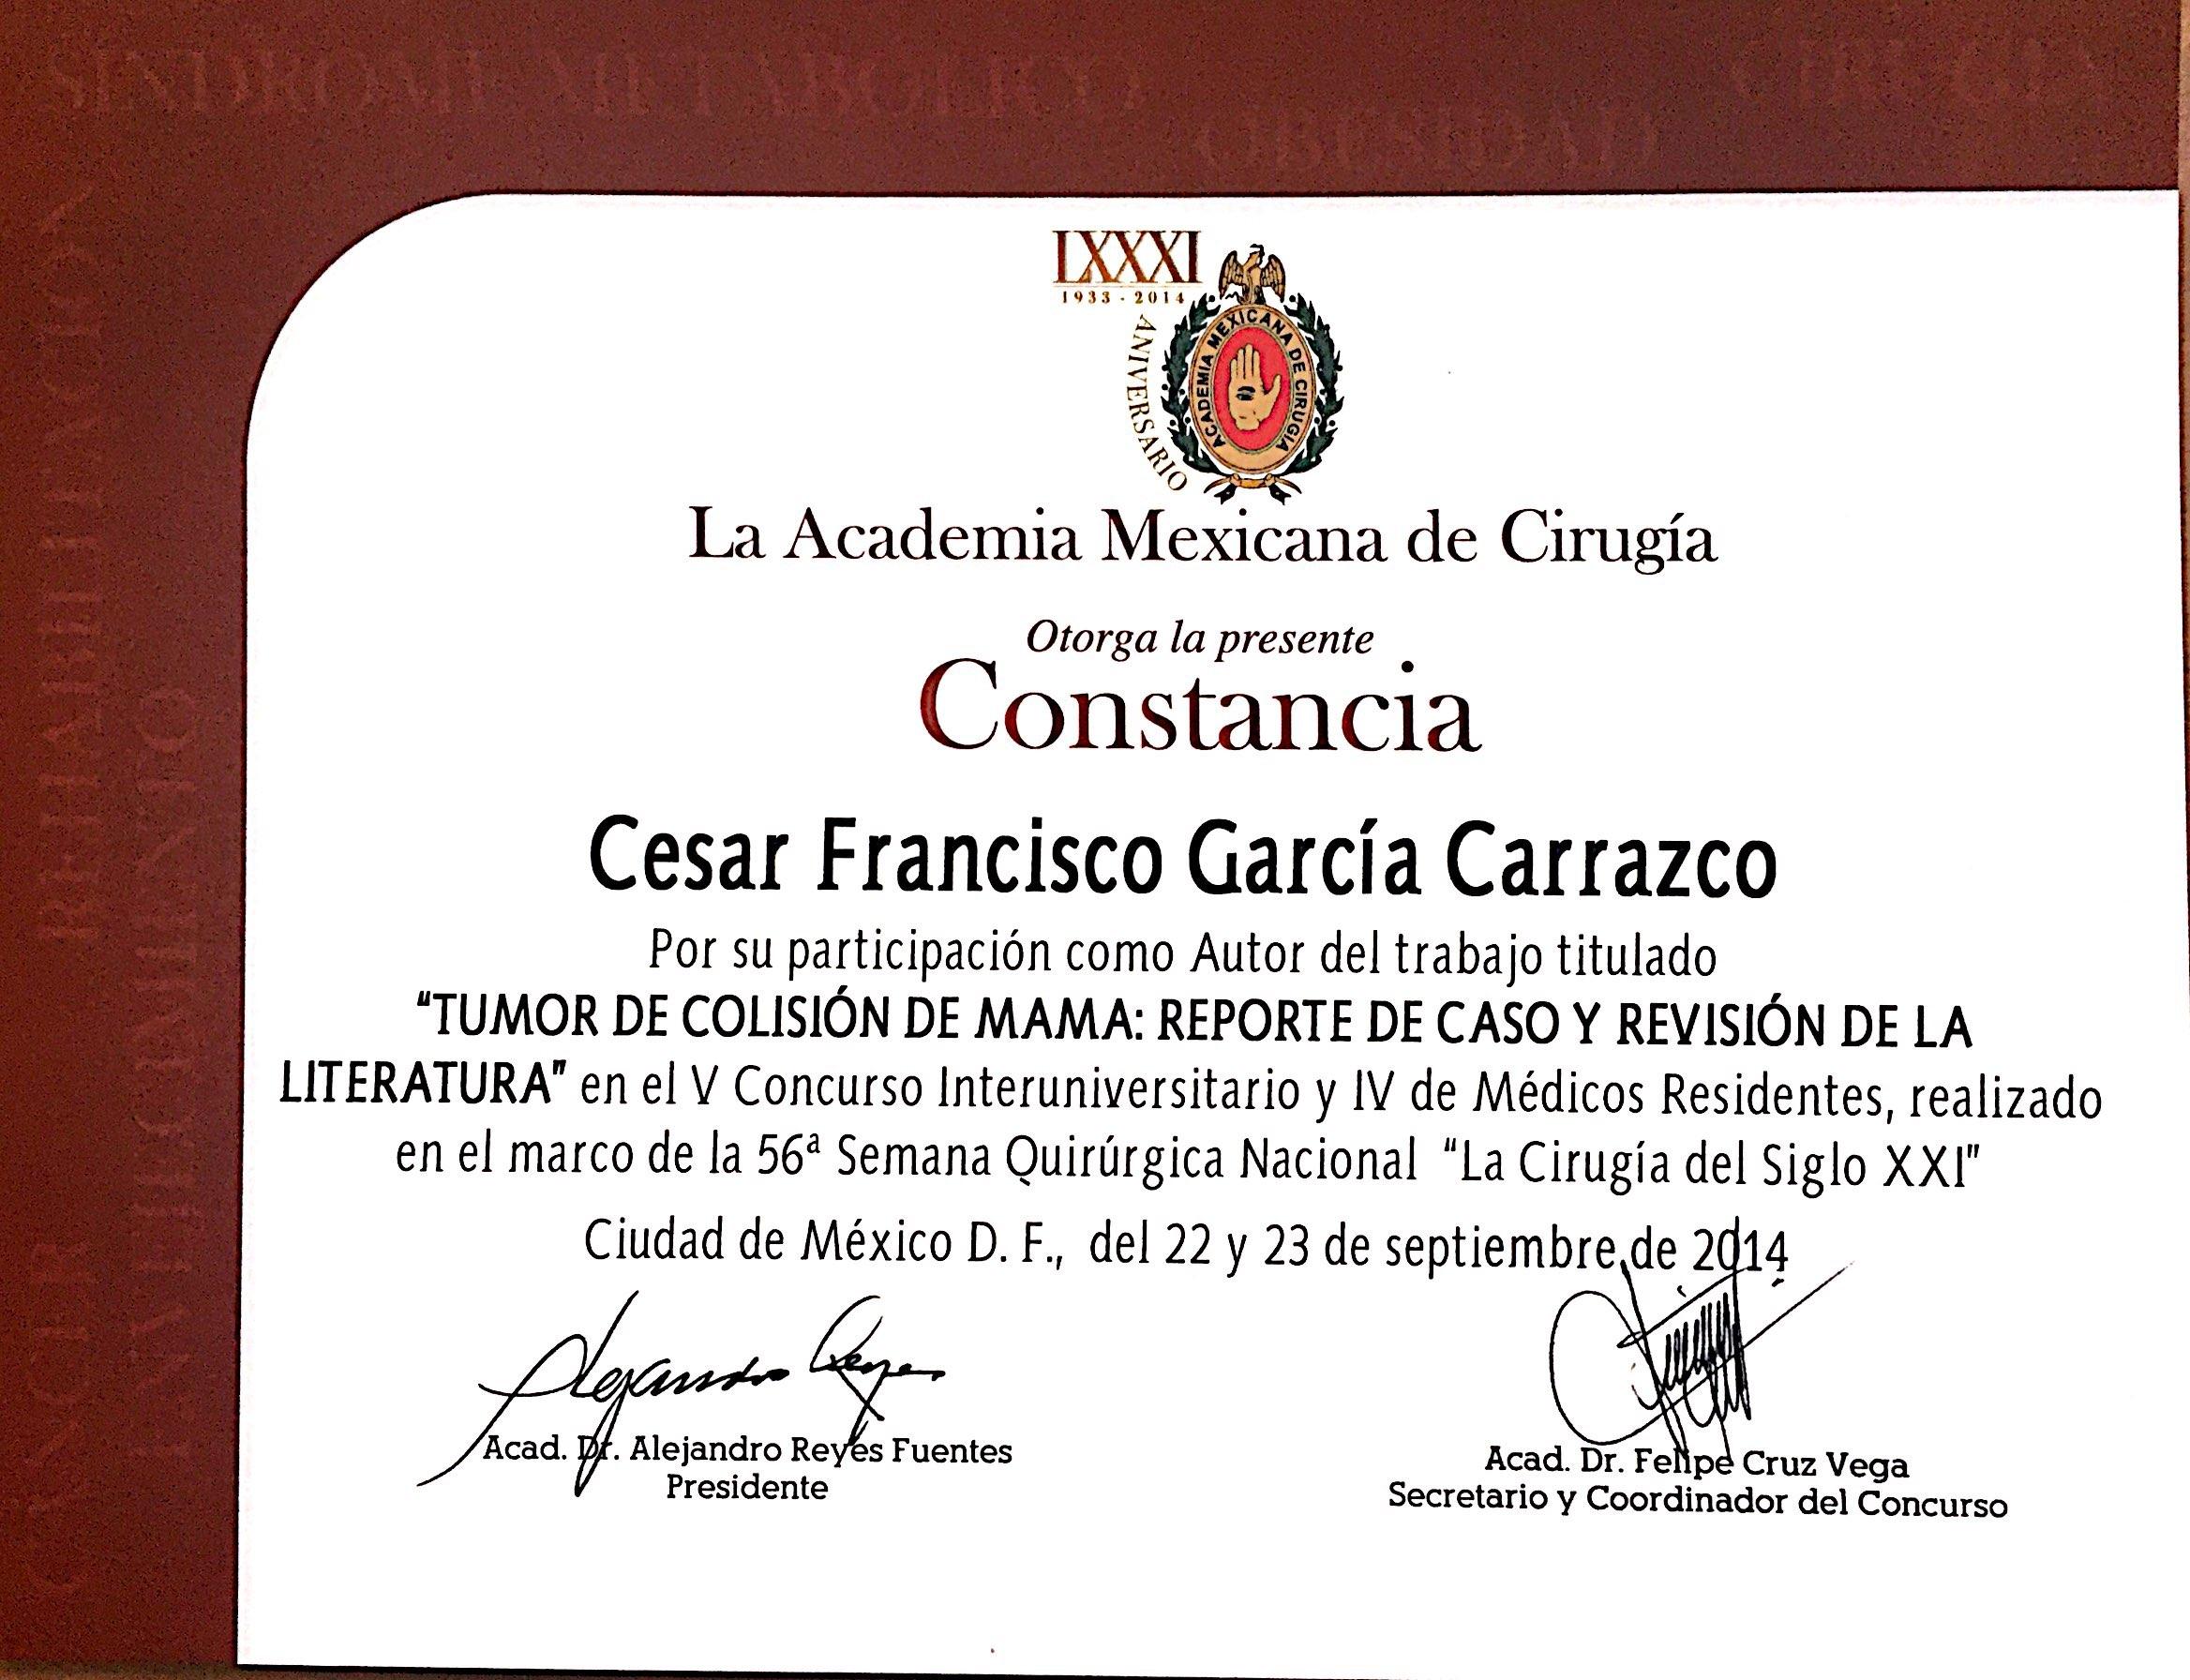 Dr. Garcia Carrazco_83